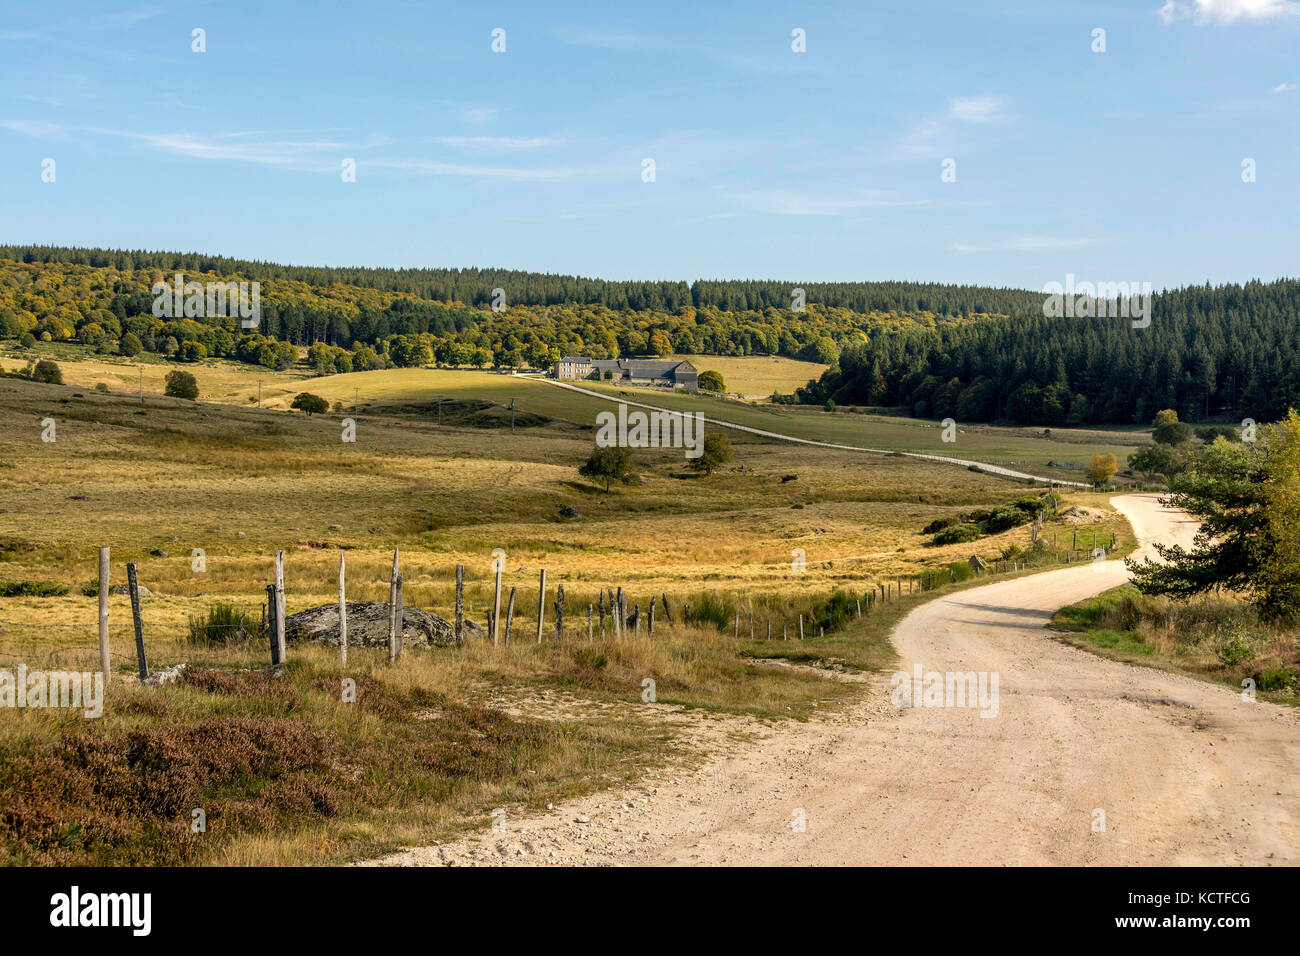 Le Sauvage gite on Via Podiensis. Camino de Santiago. Pilgrimage way. Haute Loire. Auvergne. France - Stock Image